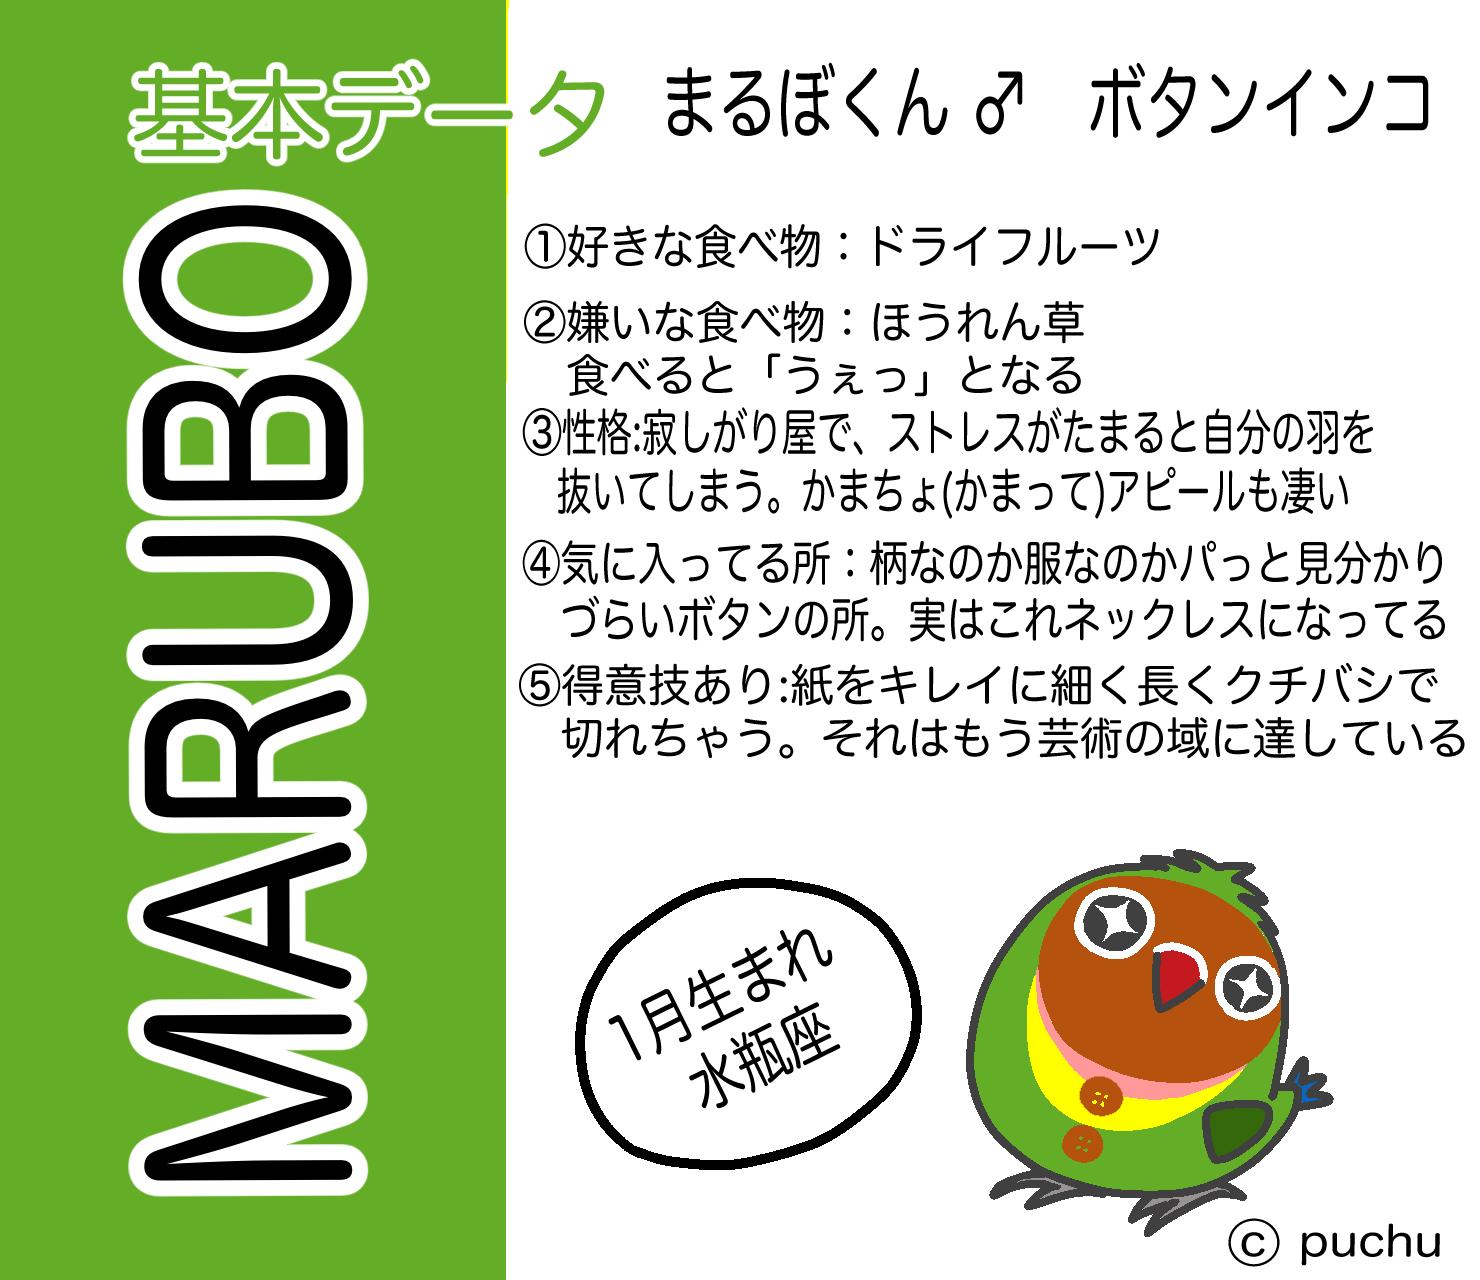 次の方ど ぞぉw ぷちゅ S Blog